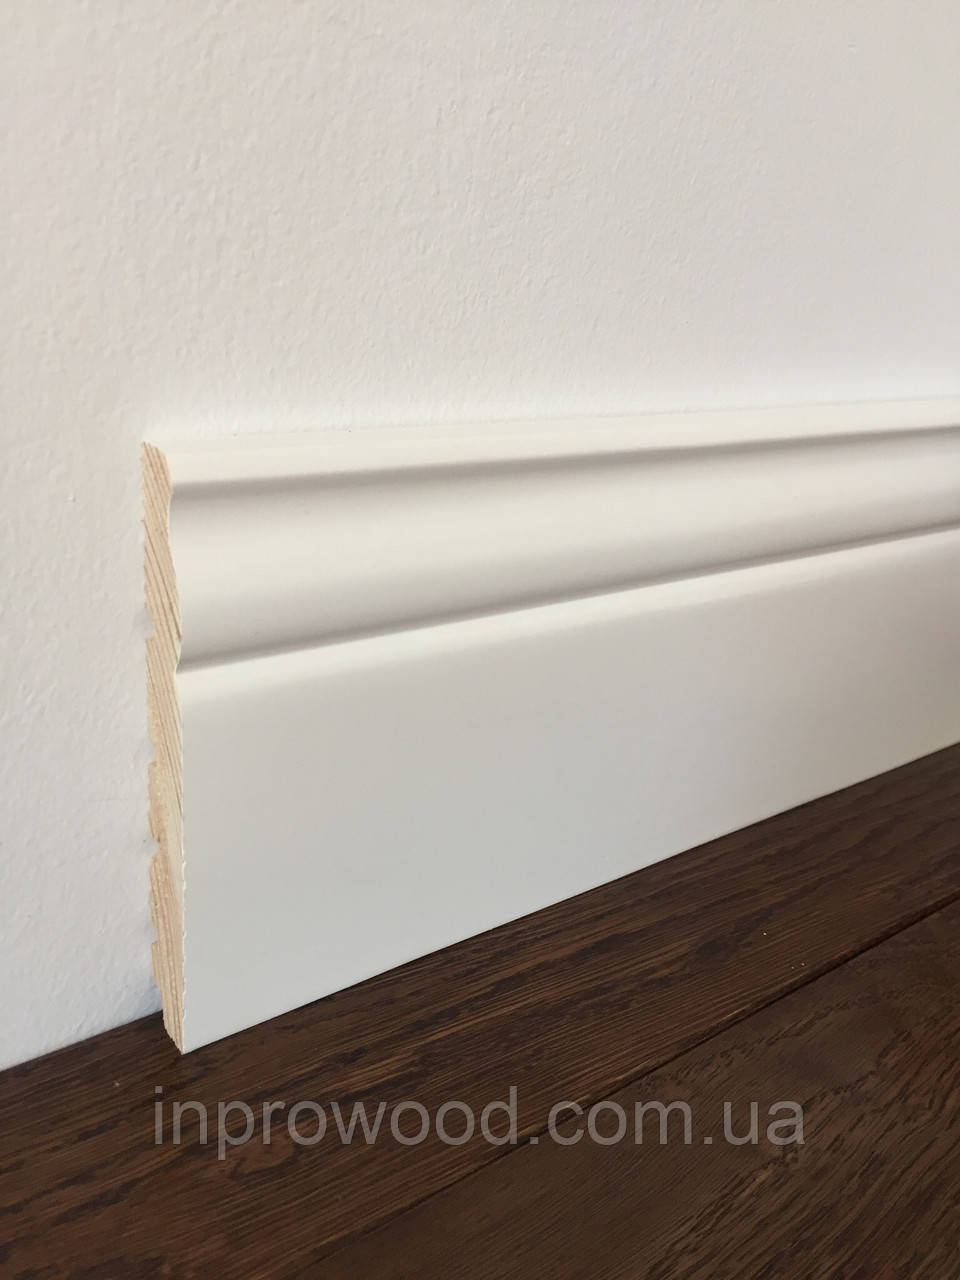 """""""Классик"""" 120х16 мм, Высокий белый деревянный плинтус, Сосна"""